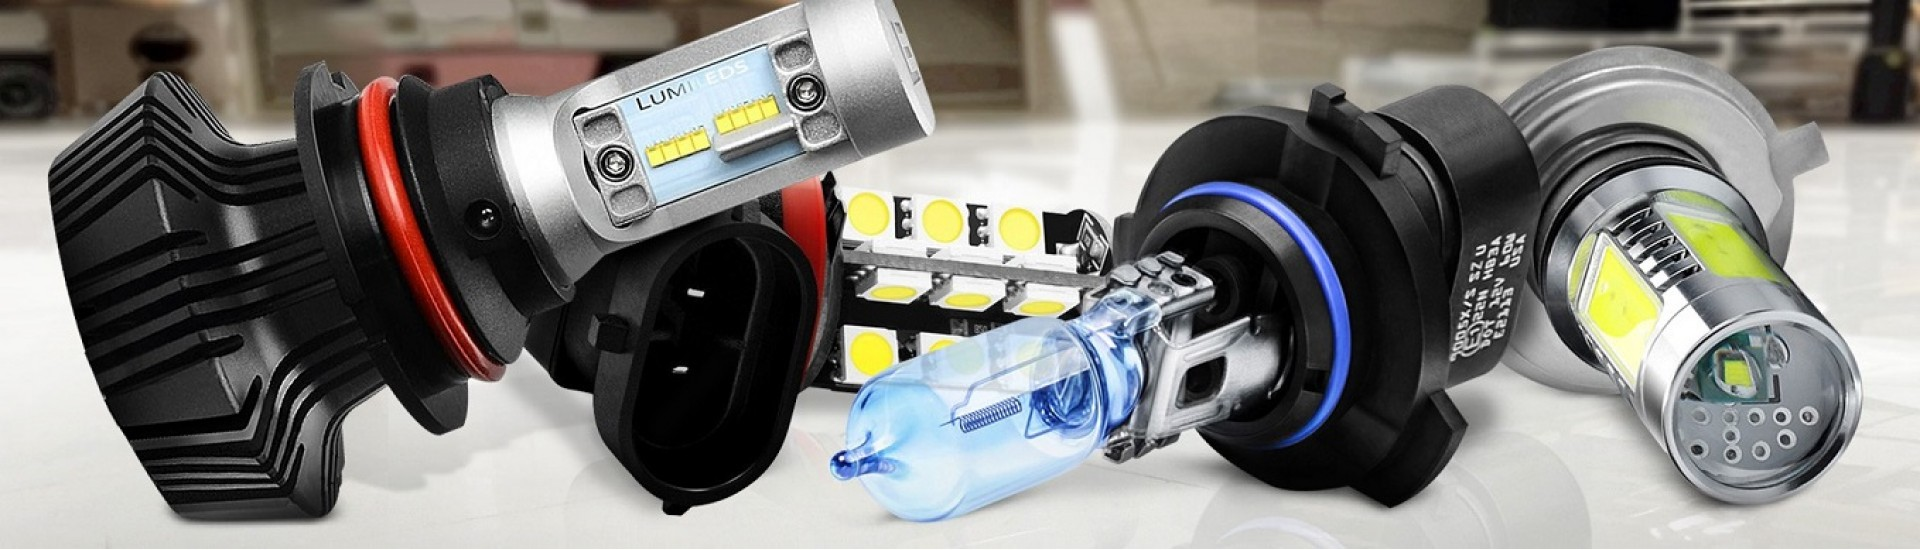 لامپ خودرو بایک امگرند X7